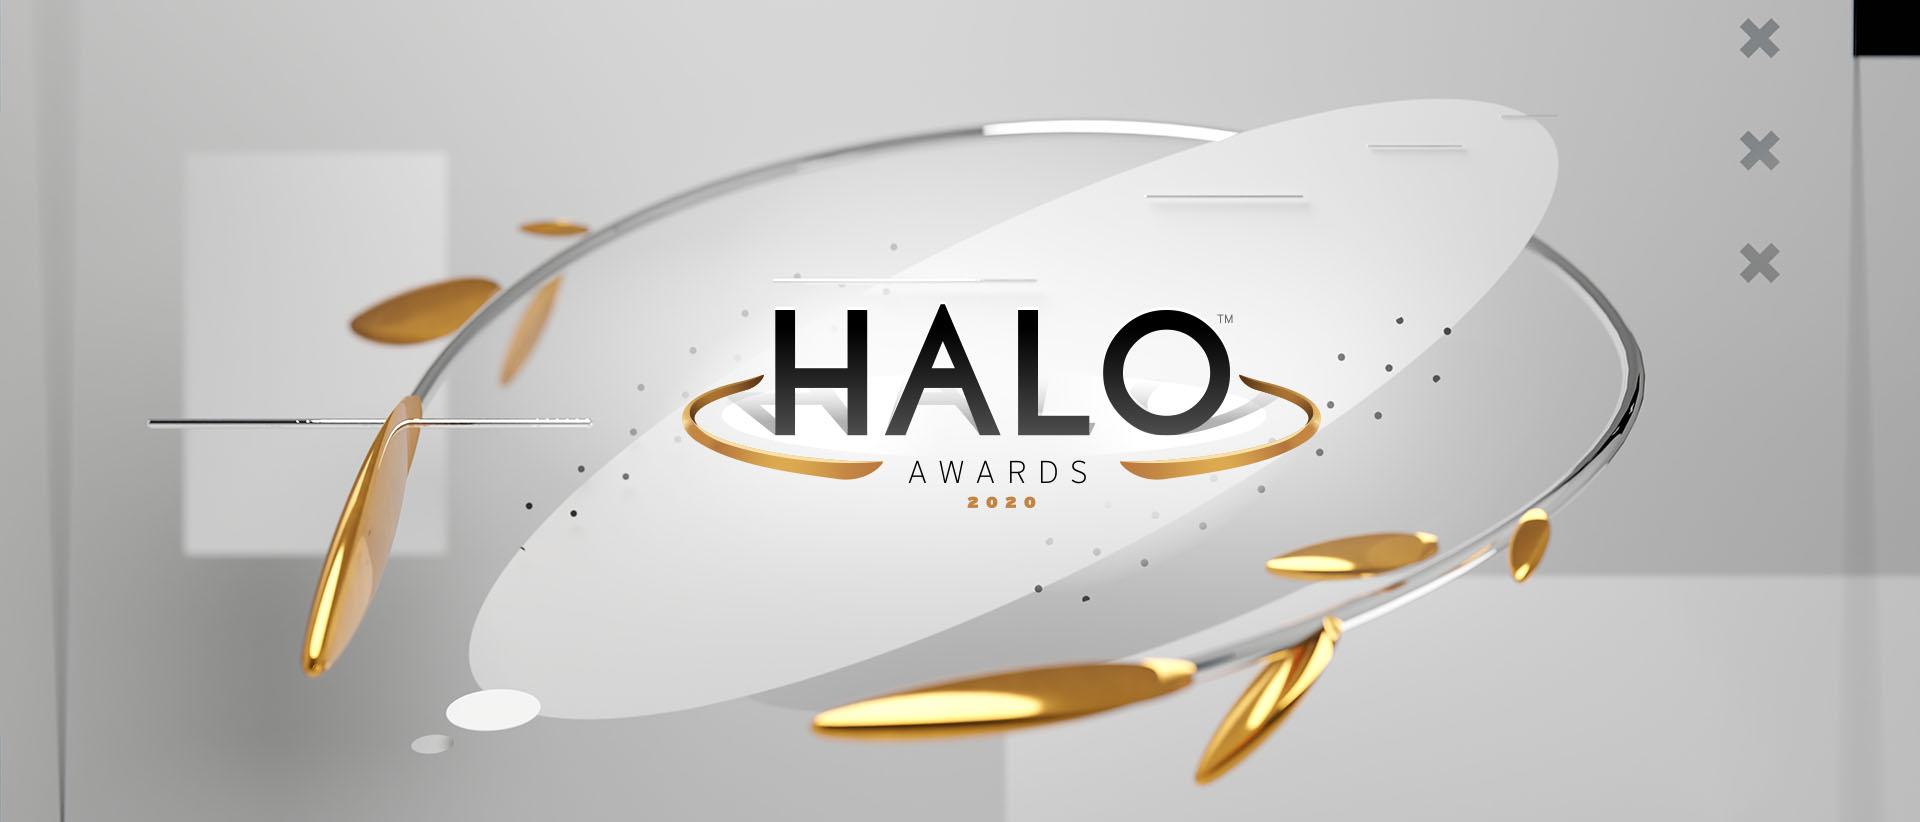 VRDays Halo Awards 2020